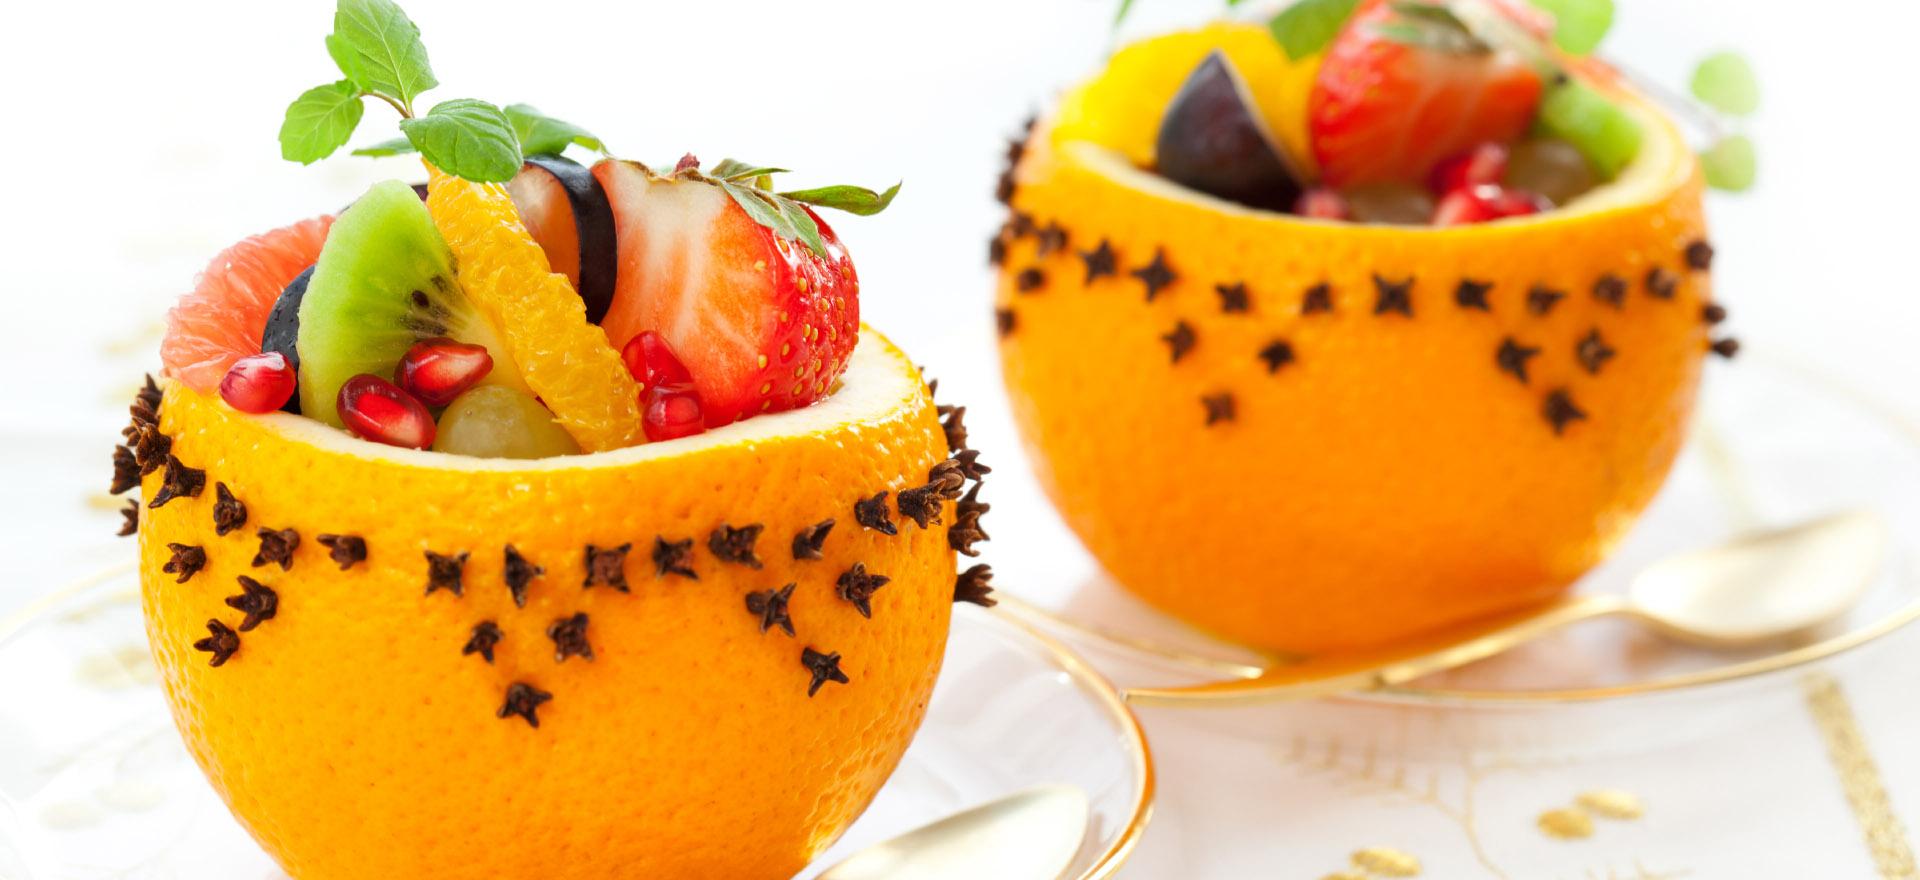 salade-de-fruits-festive-igadaigle